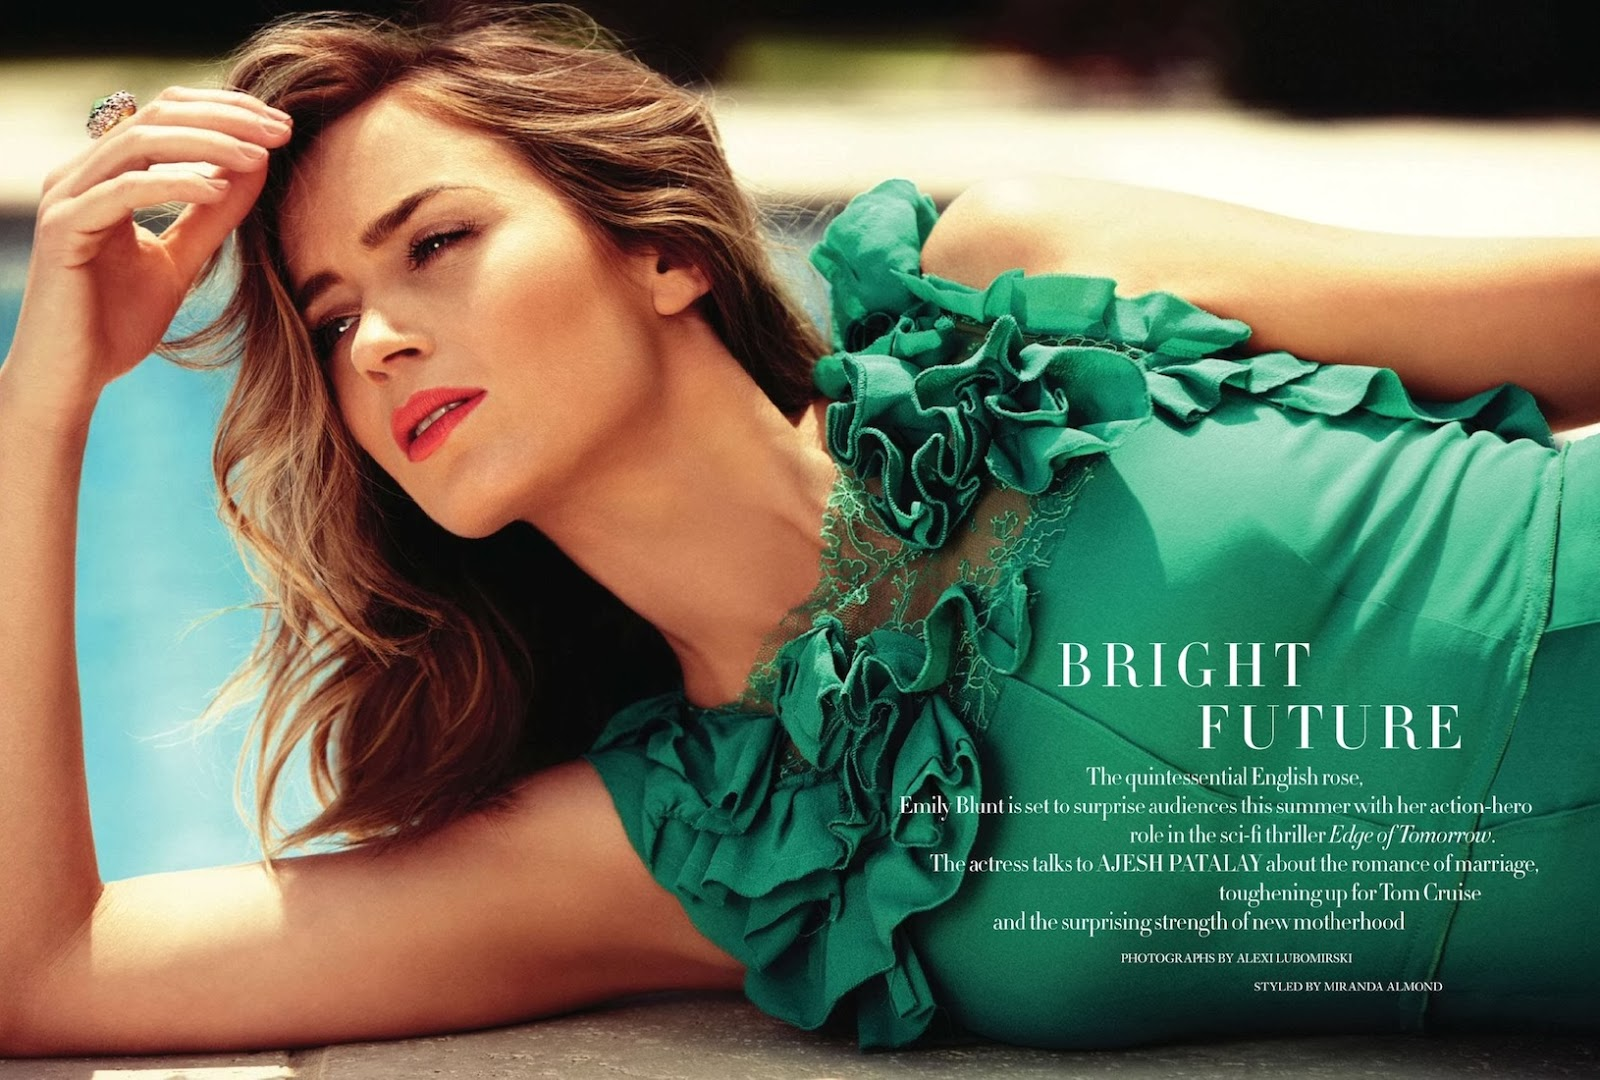 Emily Blunt Harper's Bazaar